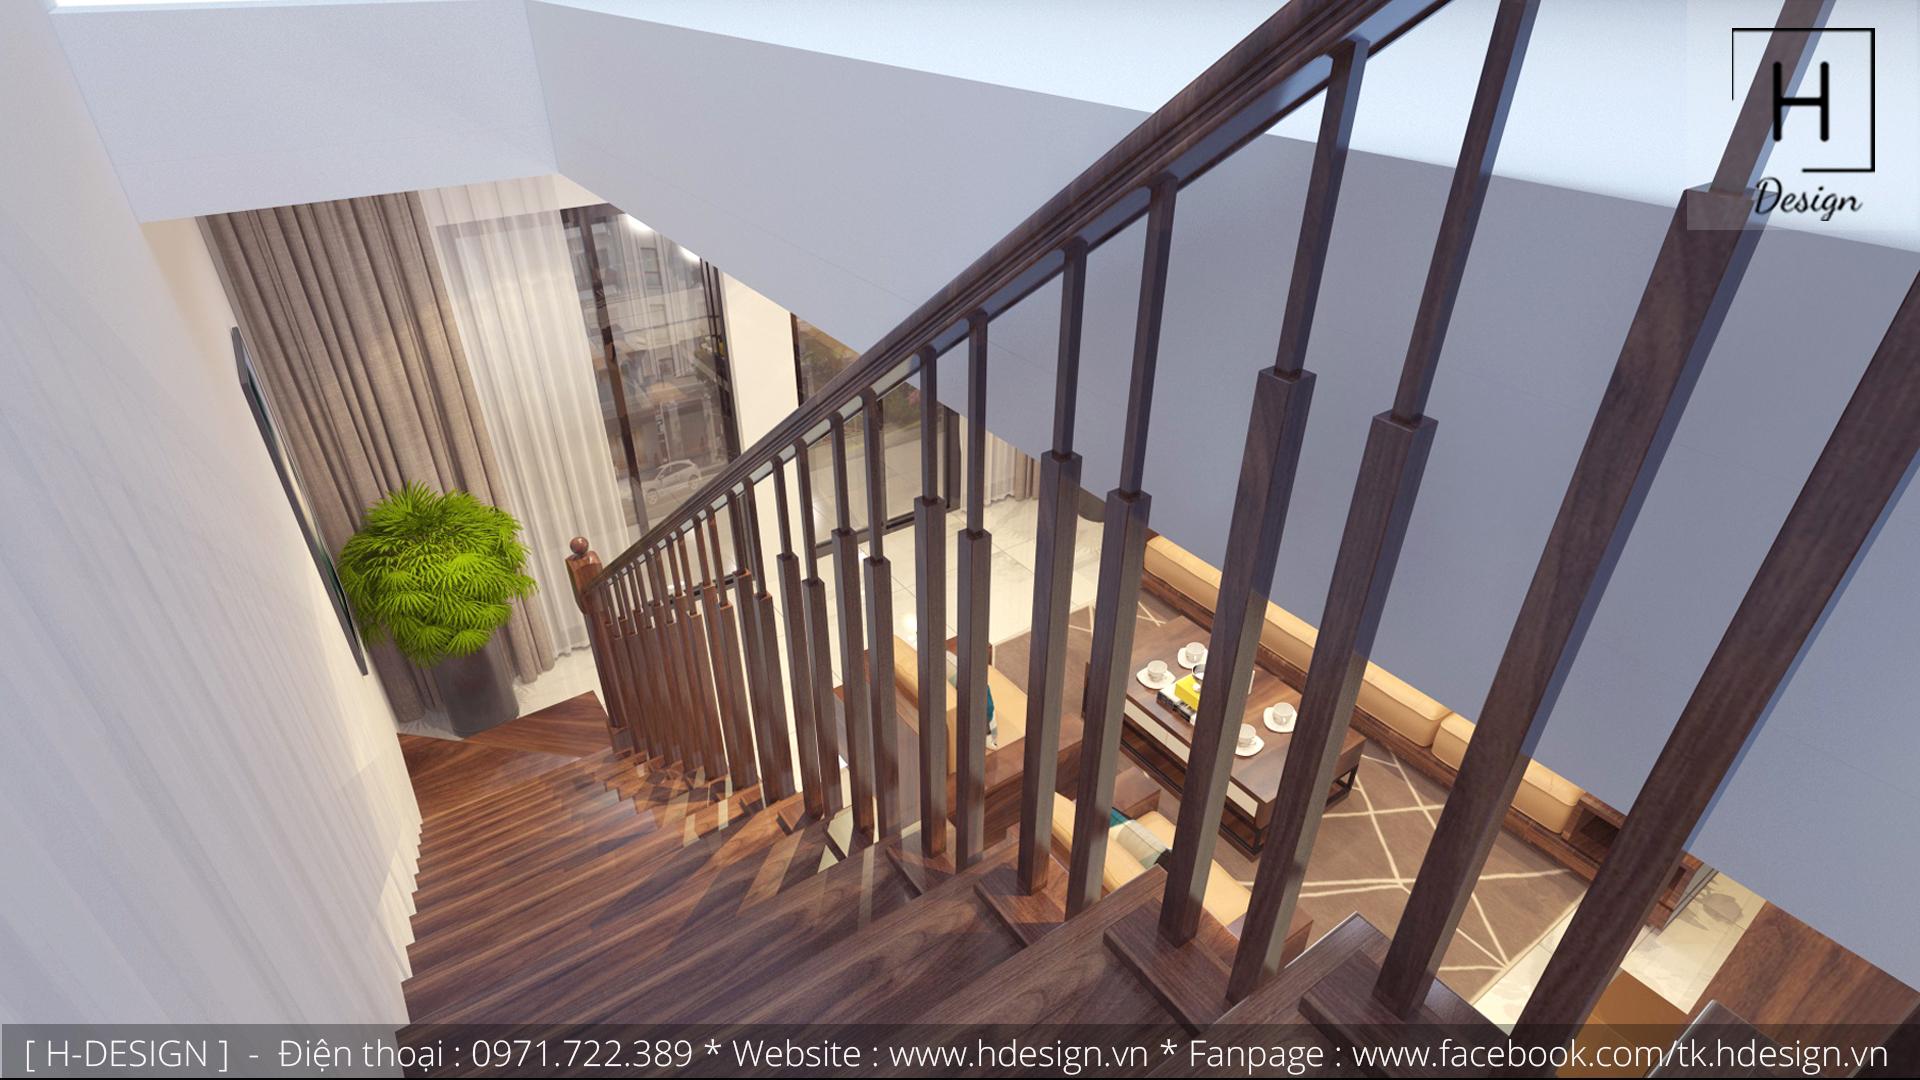 Thiết kế thi công nội thất nhà phố đẹp tại Tây Hồ - Hà Nội 6